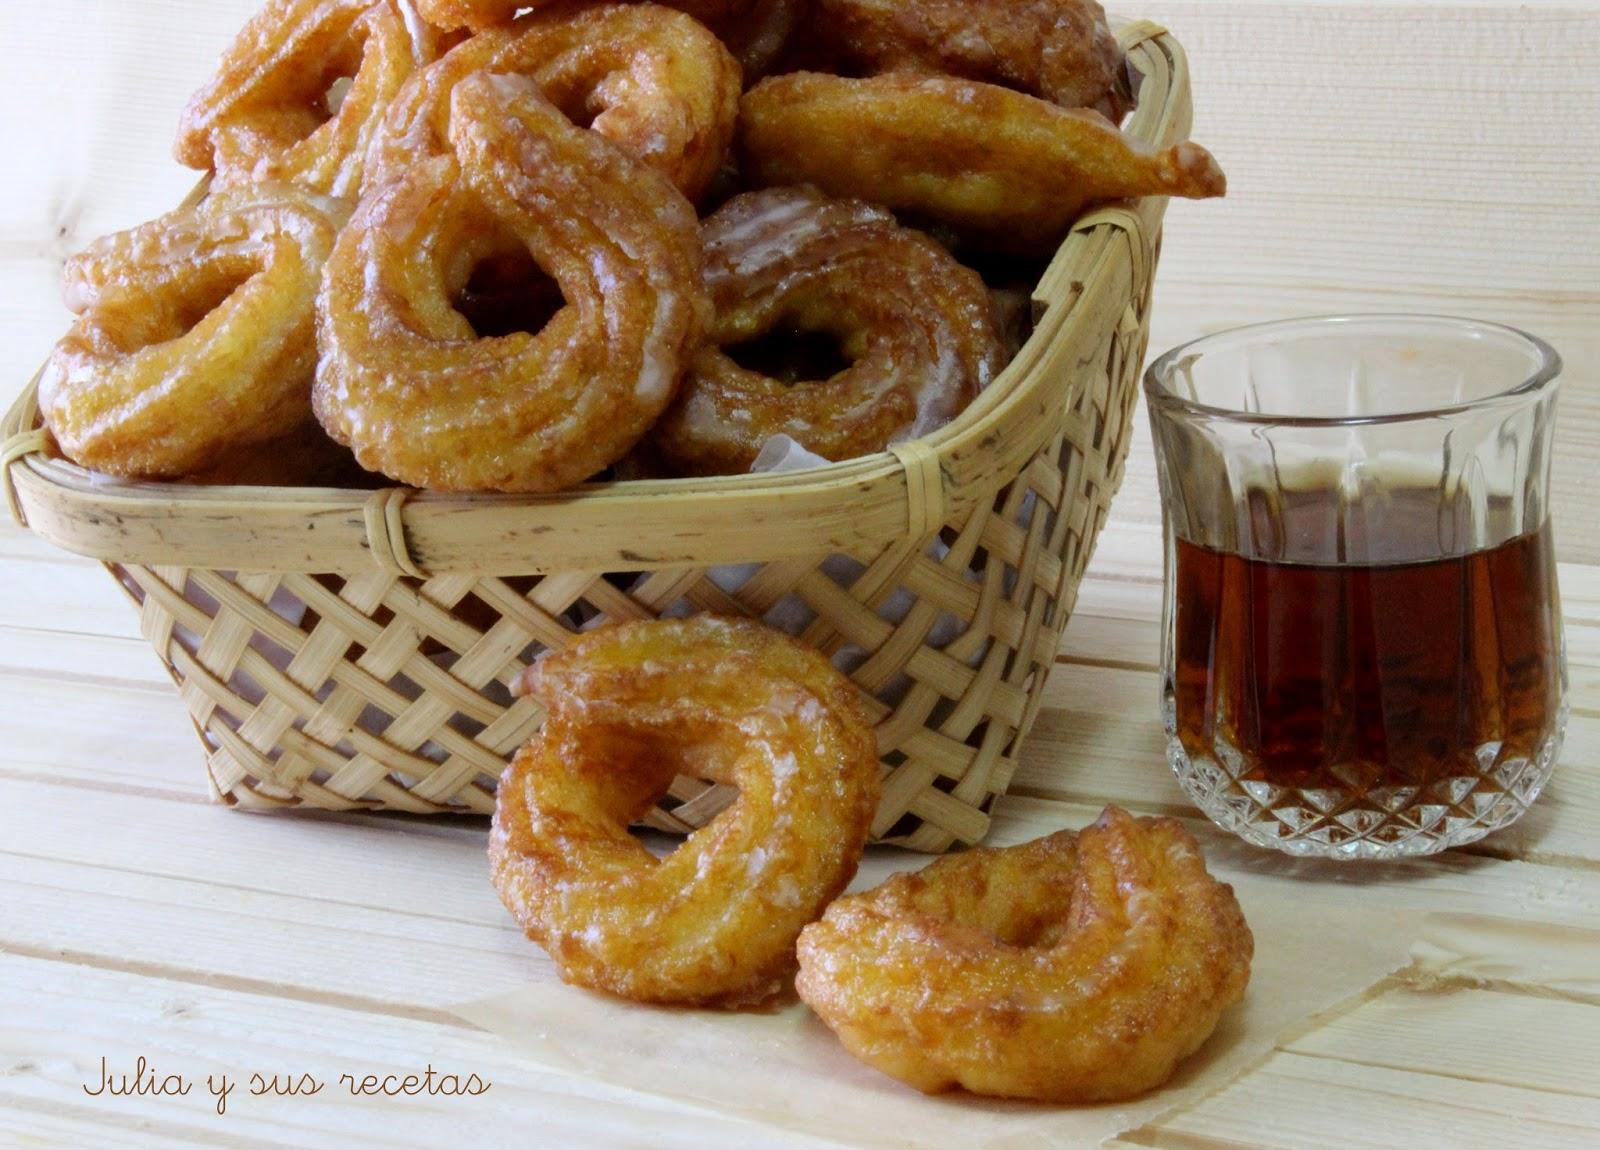 Rosquillas de San Froilán. Julia y sus recetas